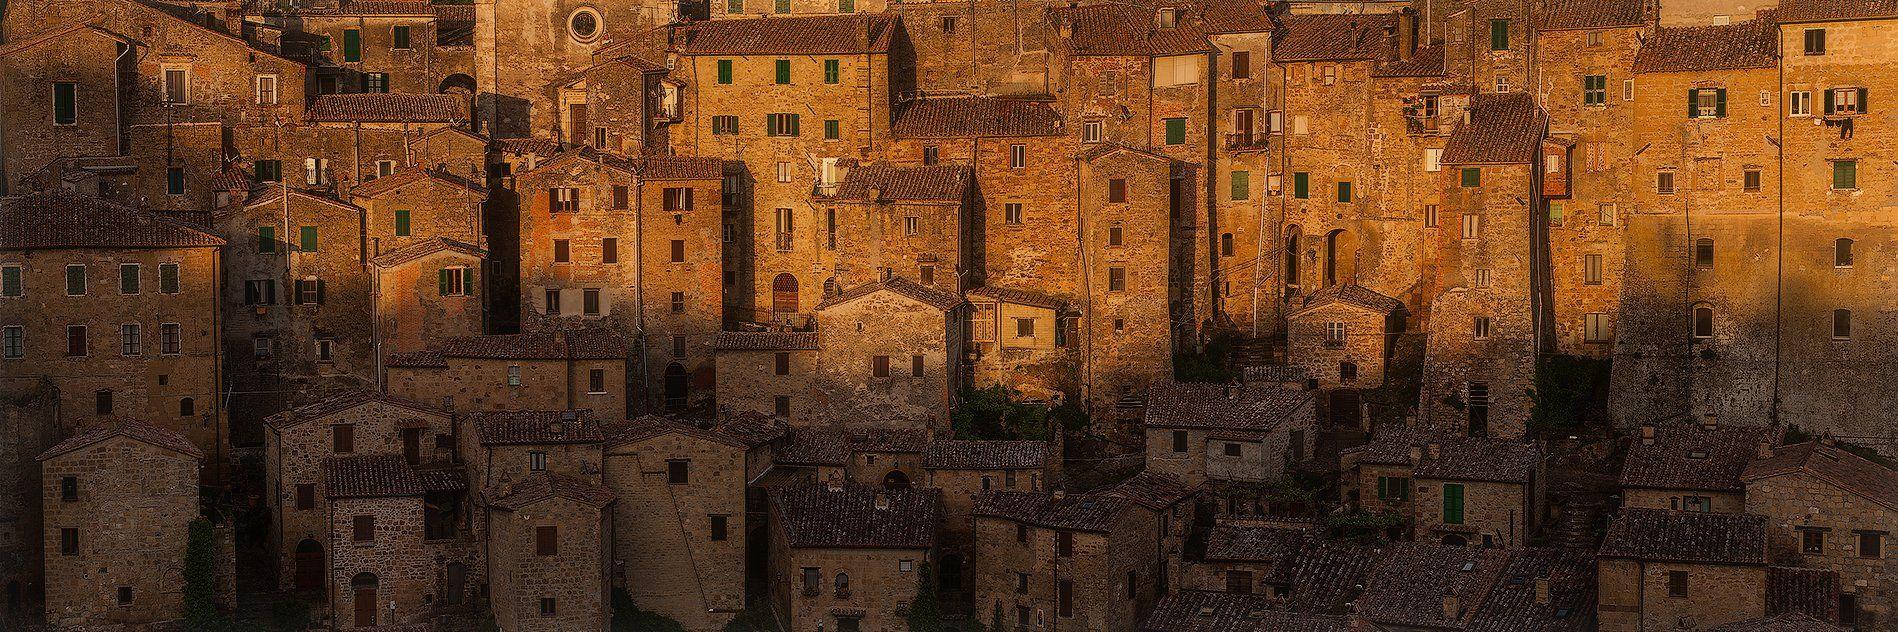 Italy, Panorama, Tuscany, Vladimir Kushnarev